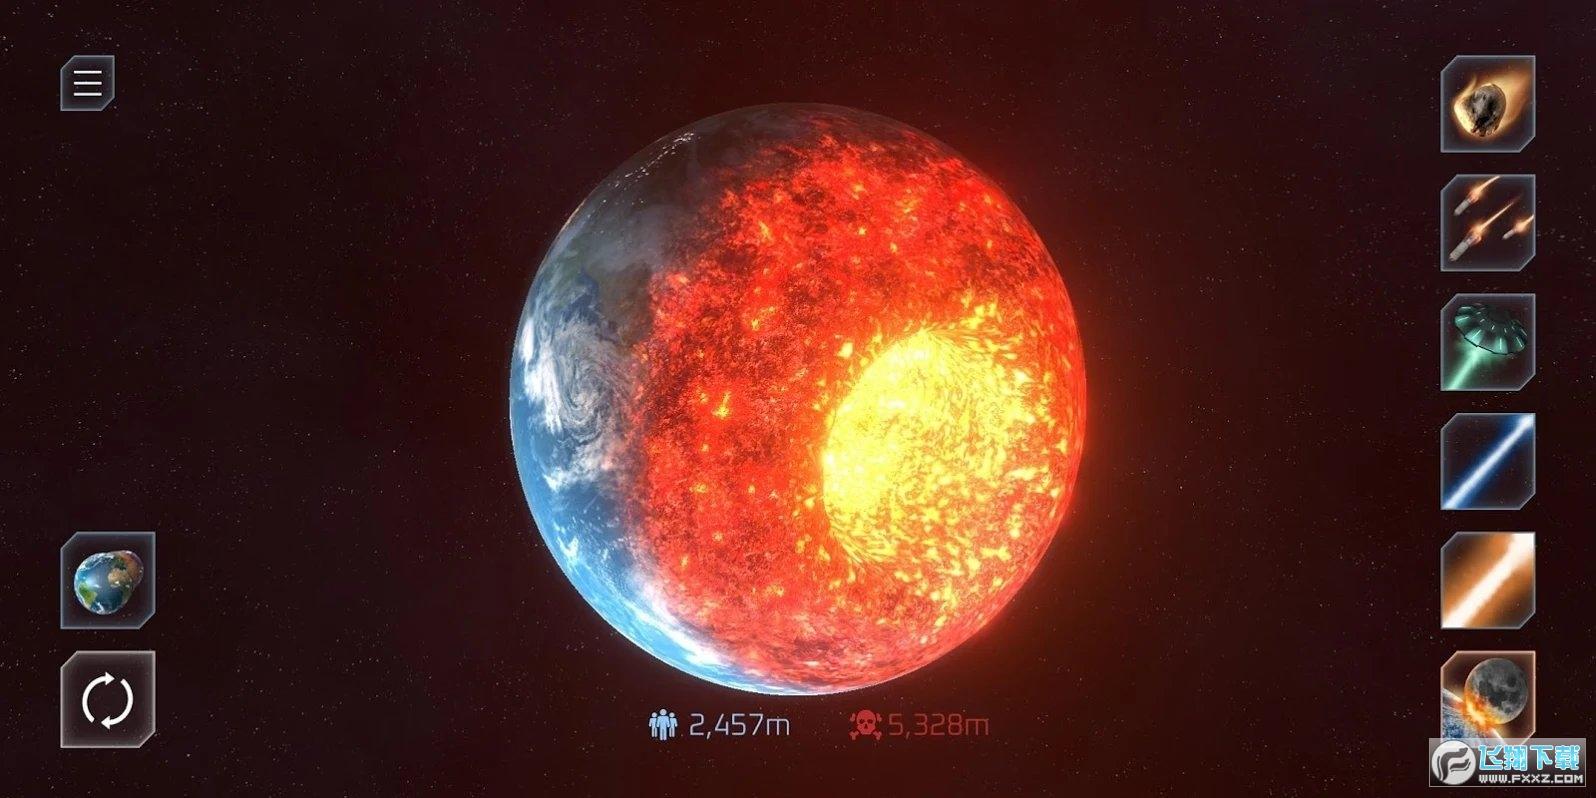 毁灭星球模拟器最新破解版v1.1.0安卓版截图0